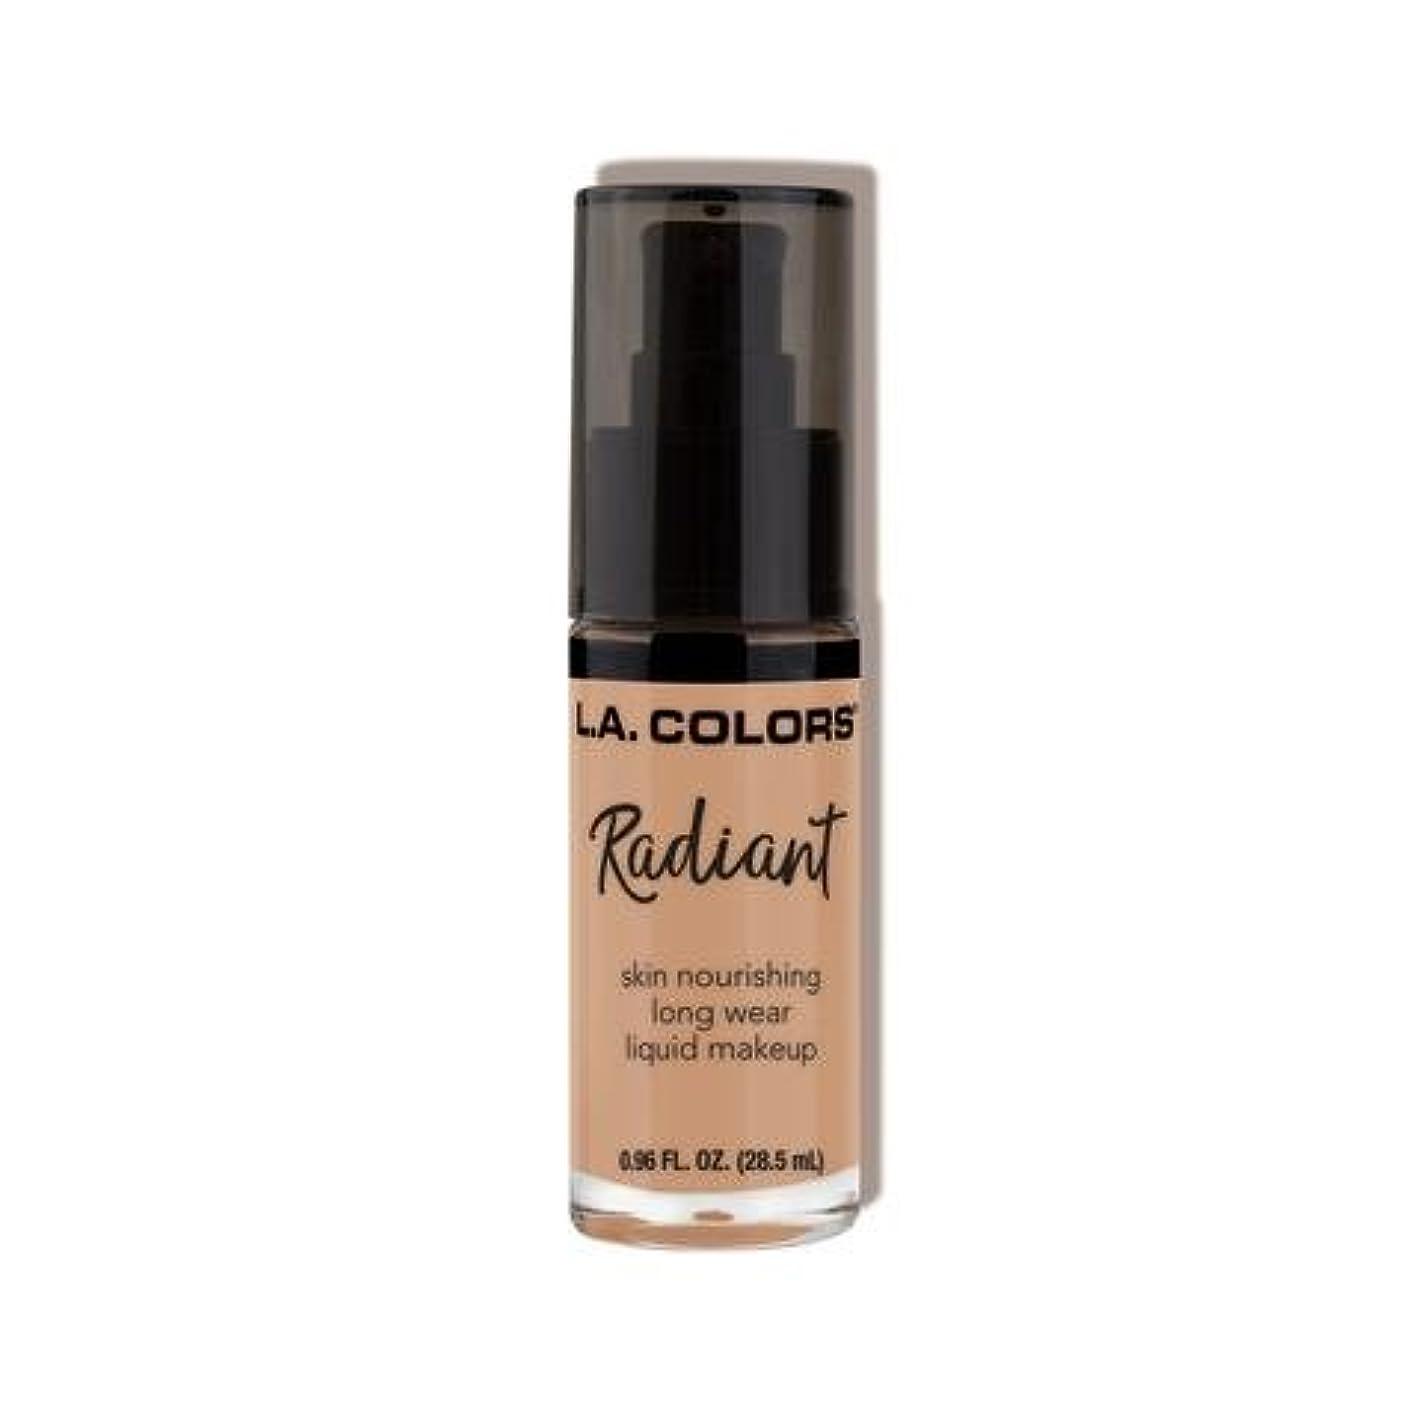 詳細な付き添い人ヘッドレス(3 Pack) L.A. COLORS Radiant Liquid Makeup - Fair (並行輸入品)